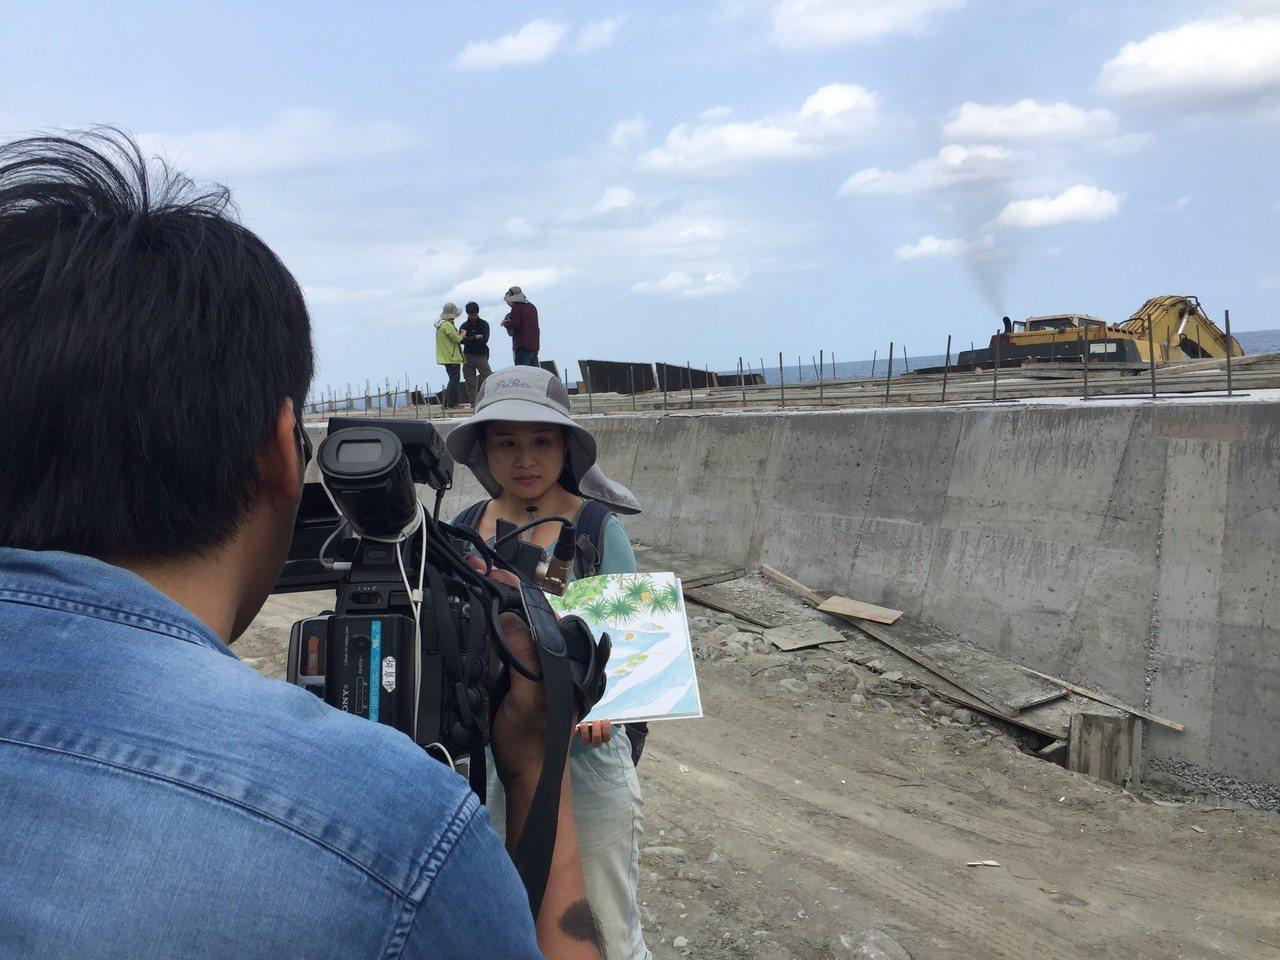 與荒野台東野溪調查小組走訪都蘭溪出海口,目擊怪手施工過程。 記者郭政芬/攝影